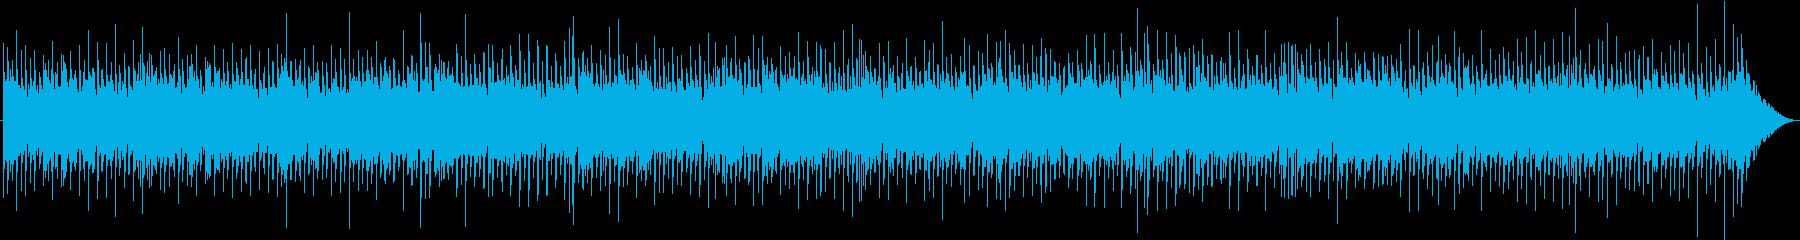 シティポップの再生済みの波形